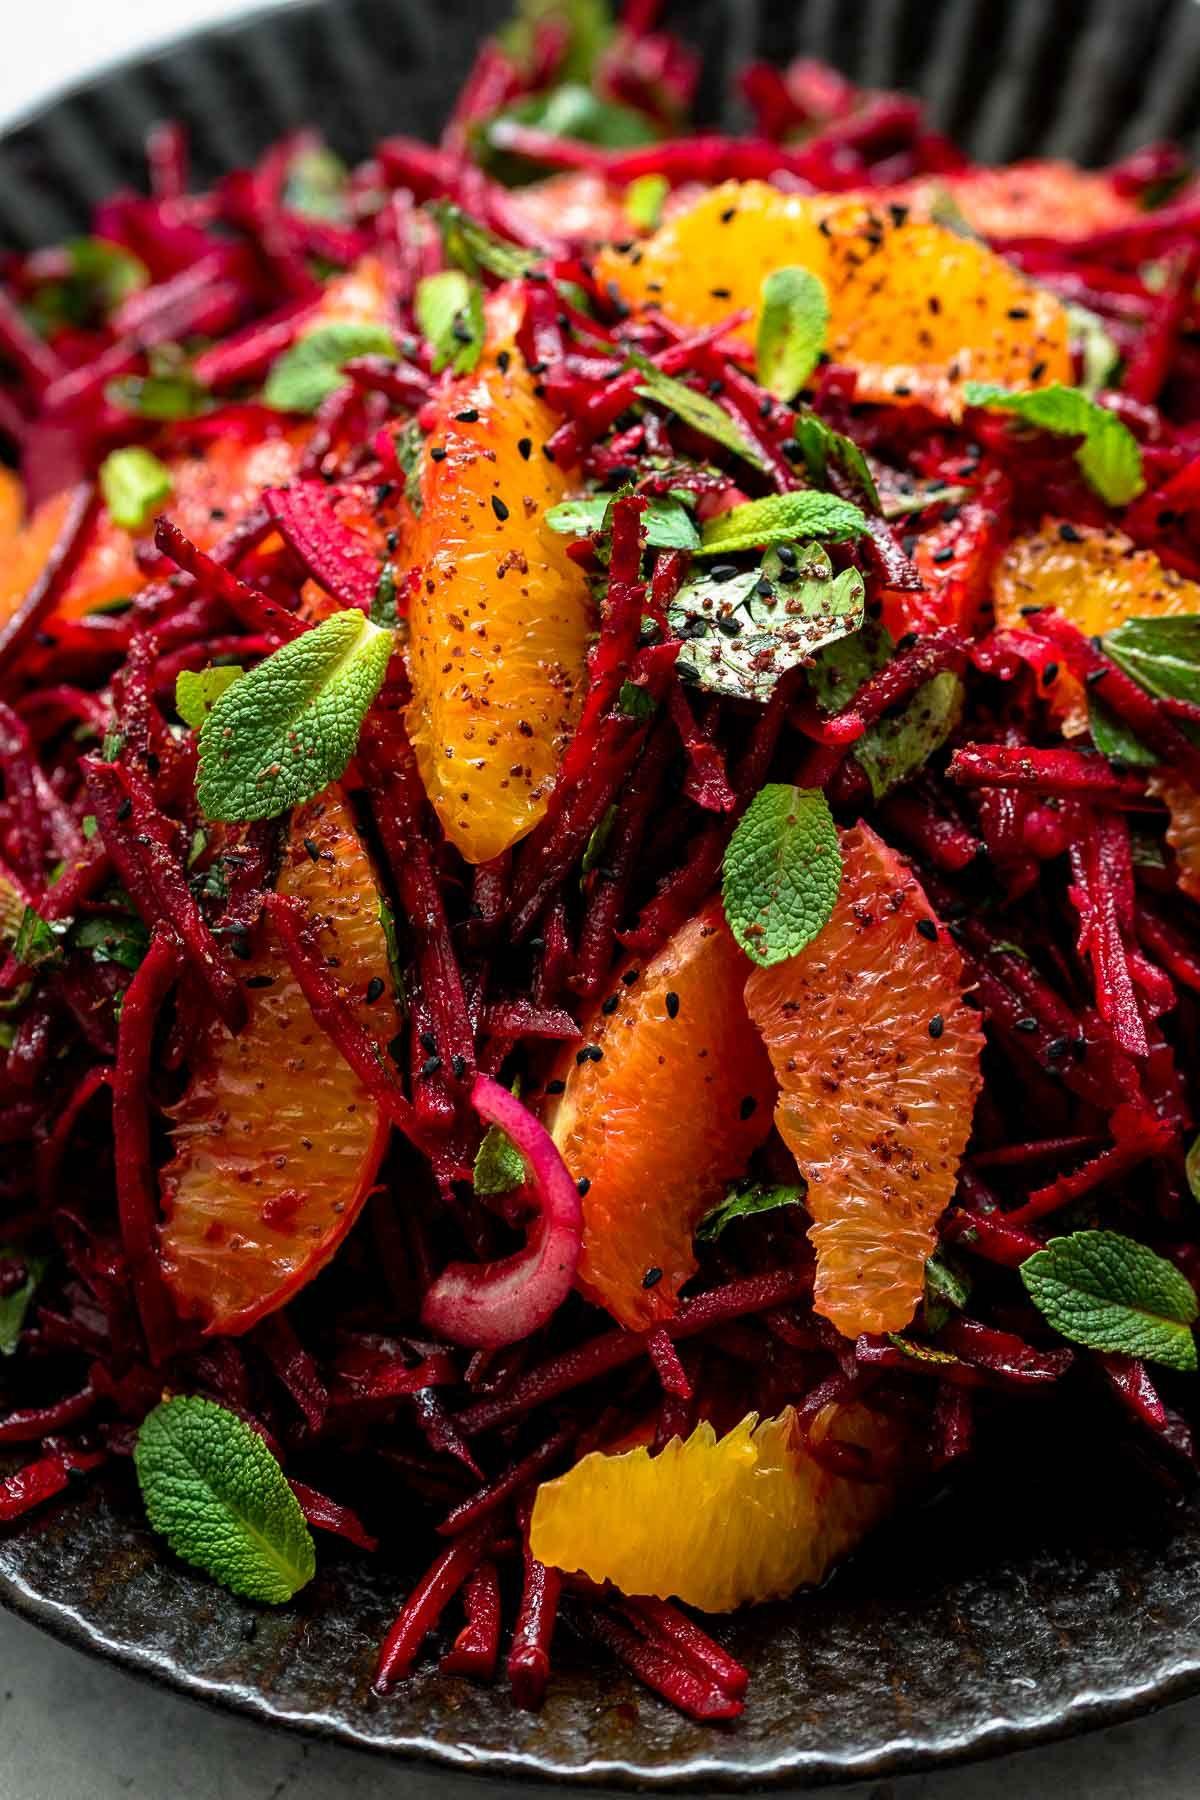 Rote Bete Orangen Salat mit frischen Kräutern Ein einfaches Rezept für einen Rote  Bete Orangen Salat voller Aromen und Frische. Mit roter Zwiebel, frischer Petersilie und Minze bekommt Ihr einen bunten Winter Rohkostsalat. #ellerepublic #rohkost #salat #rezept #beetroot